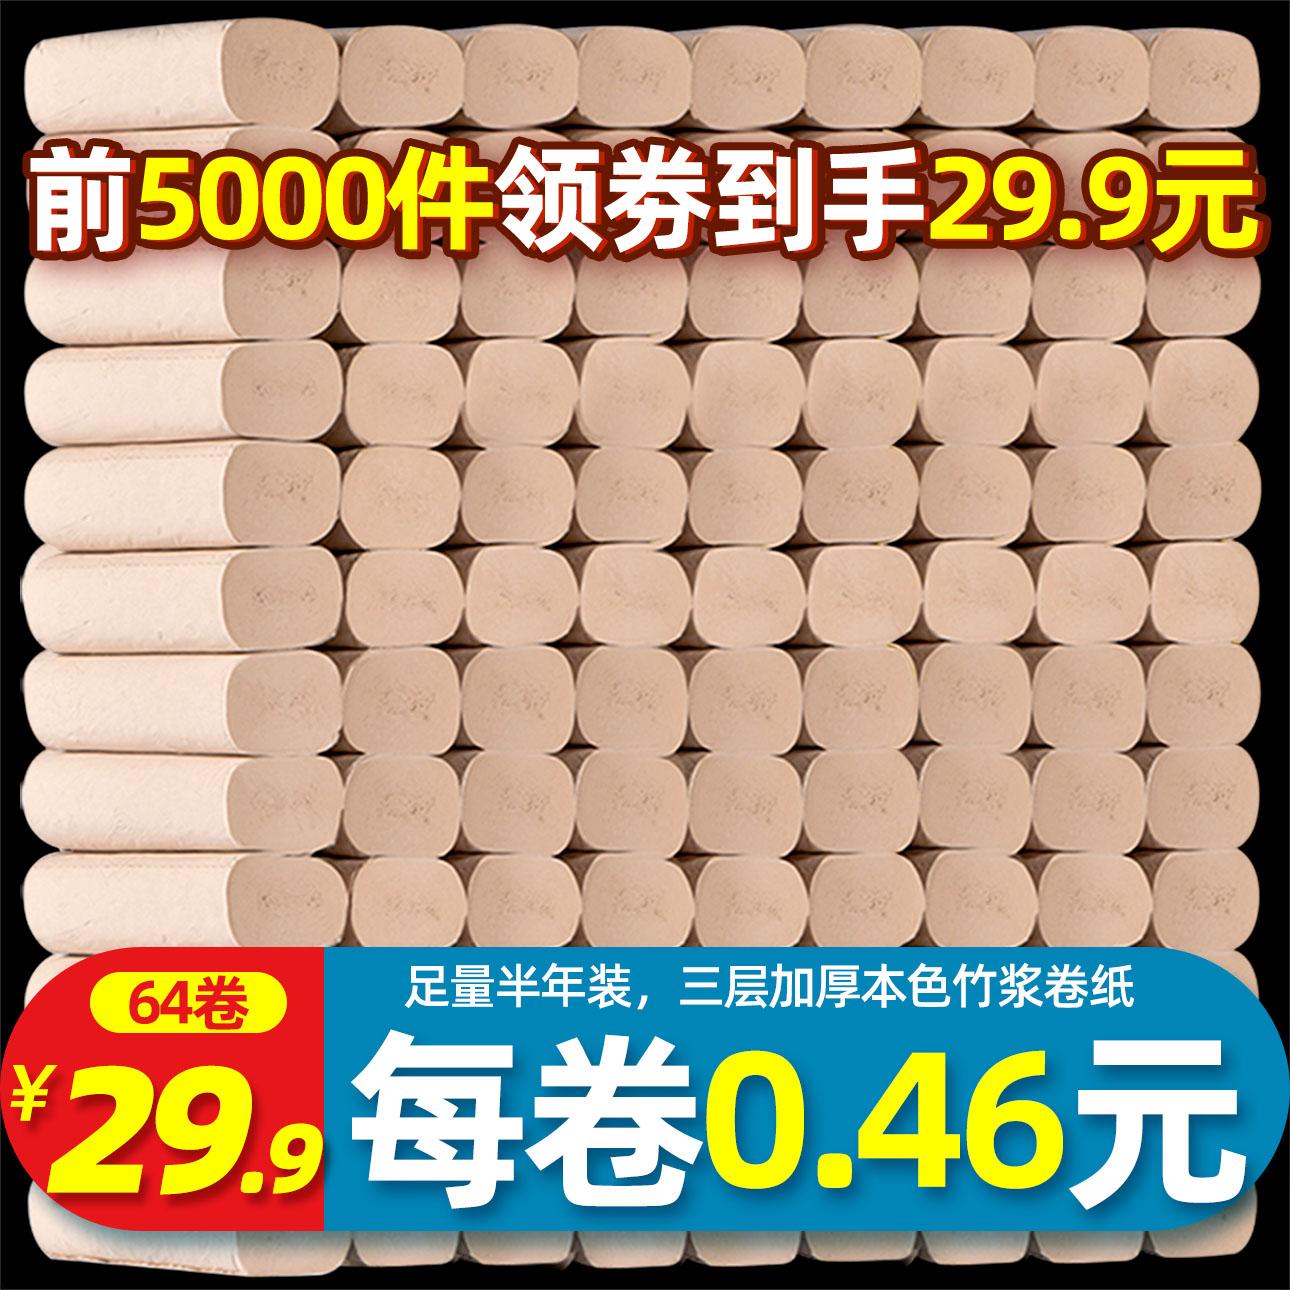 纯竹工坊竹浆本色纸巾原浆家用卷纸热销345件限时2件3折